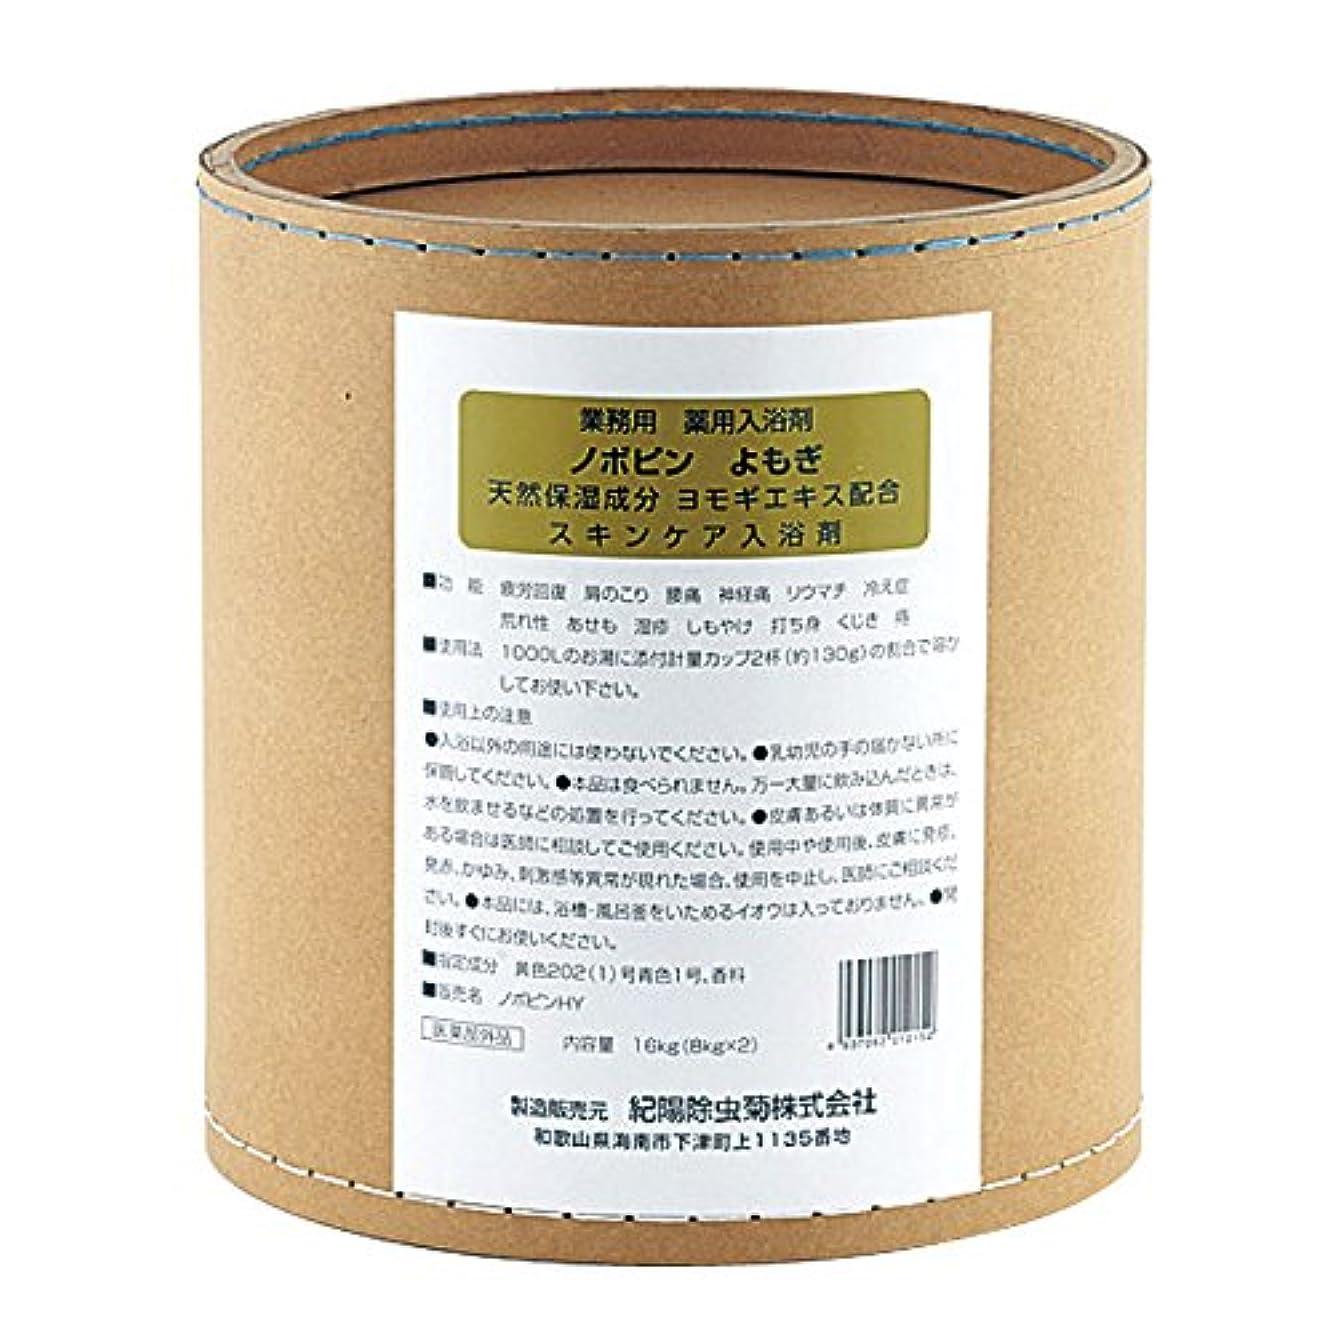 身元ダース呼吸する業務用入浴剤ノボピンよもぎ16kg(8kg*2)